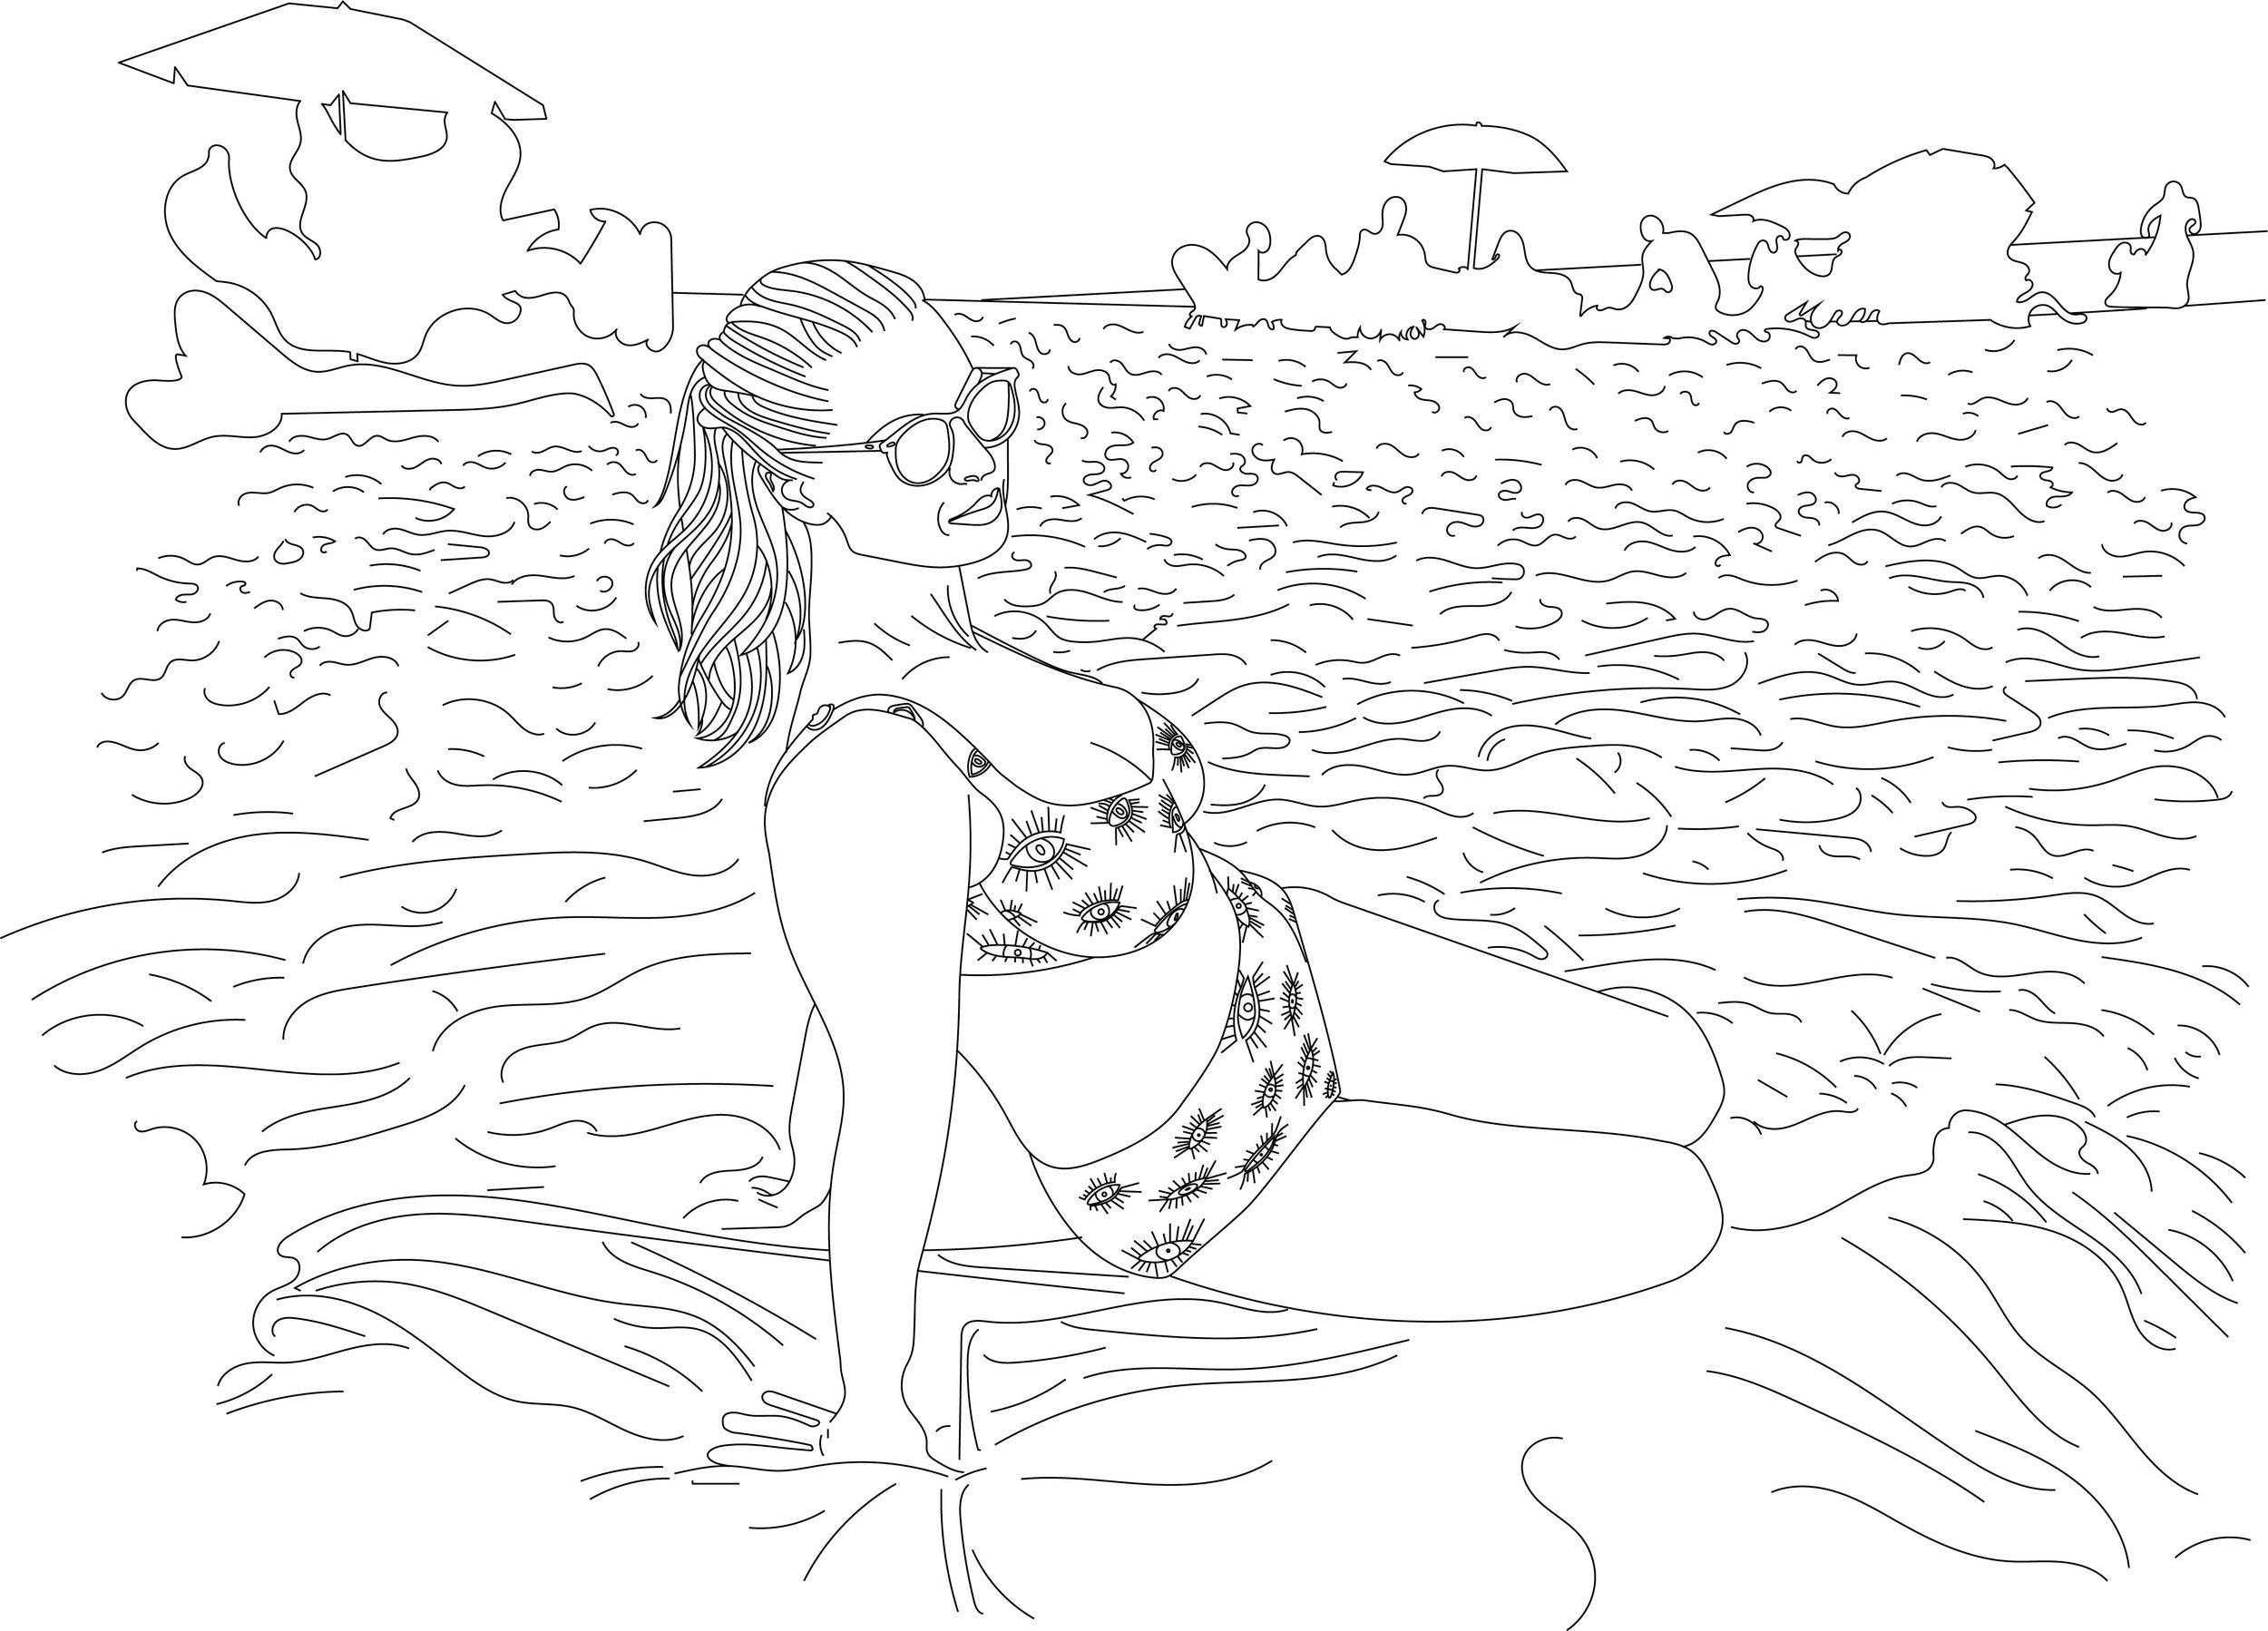 ehoffman_bathingsuit.jpg